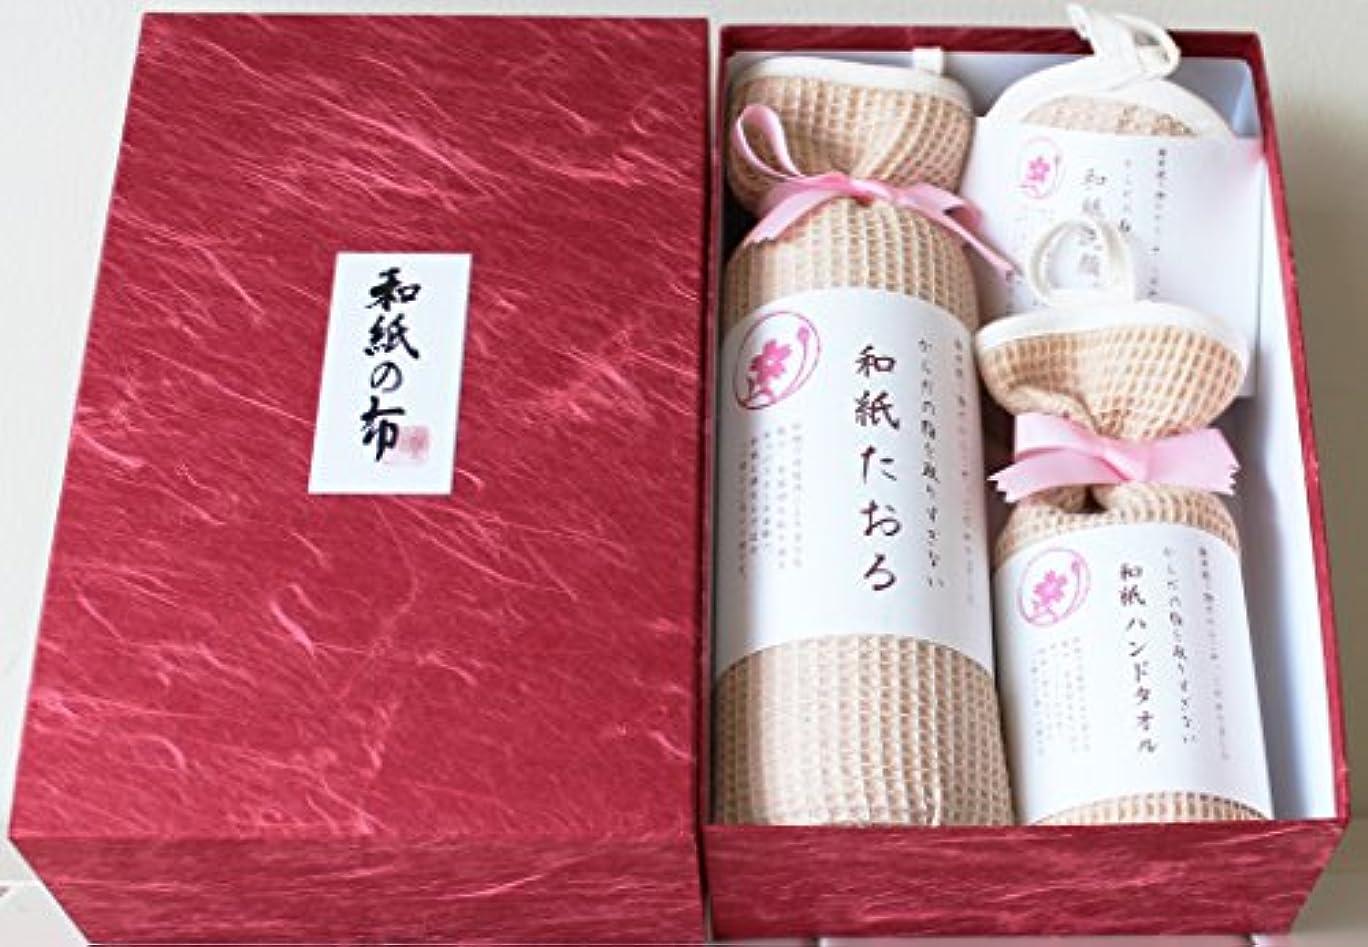 小麦謙虚なウイルス和紙の布、ギフトセット、浴用タオル1本、ハンドタオル1枚、洗顔パフ1個